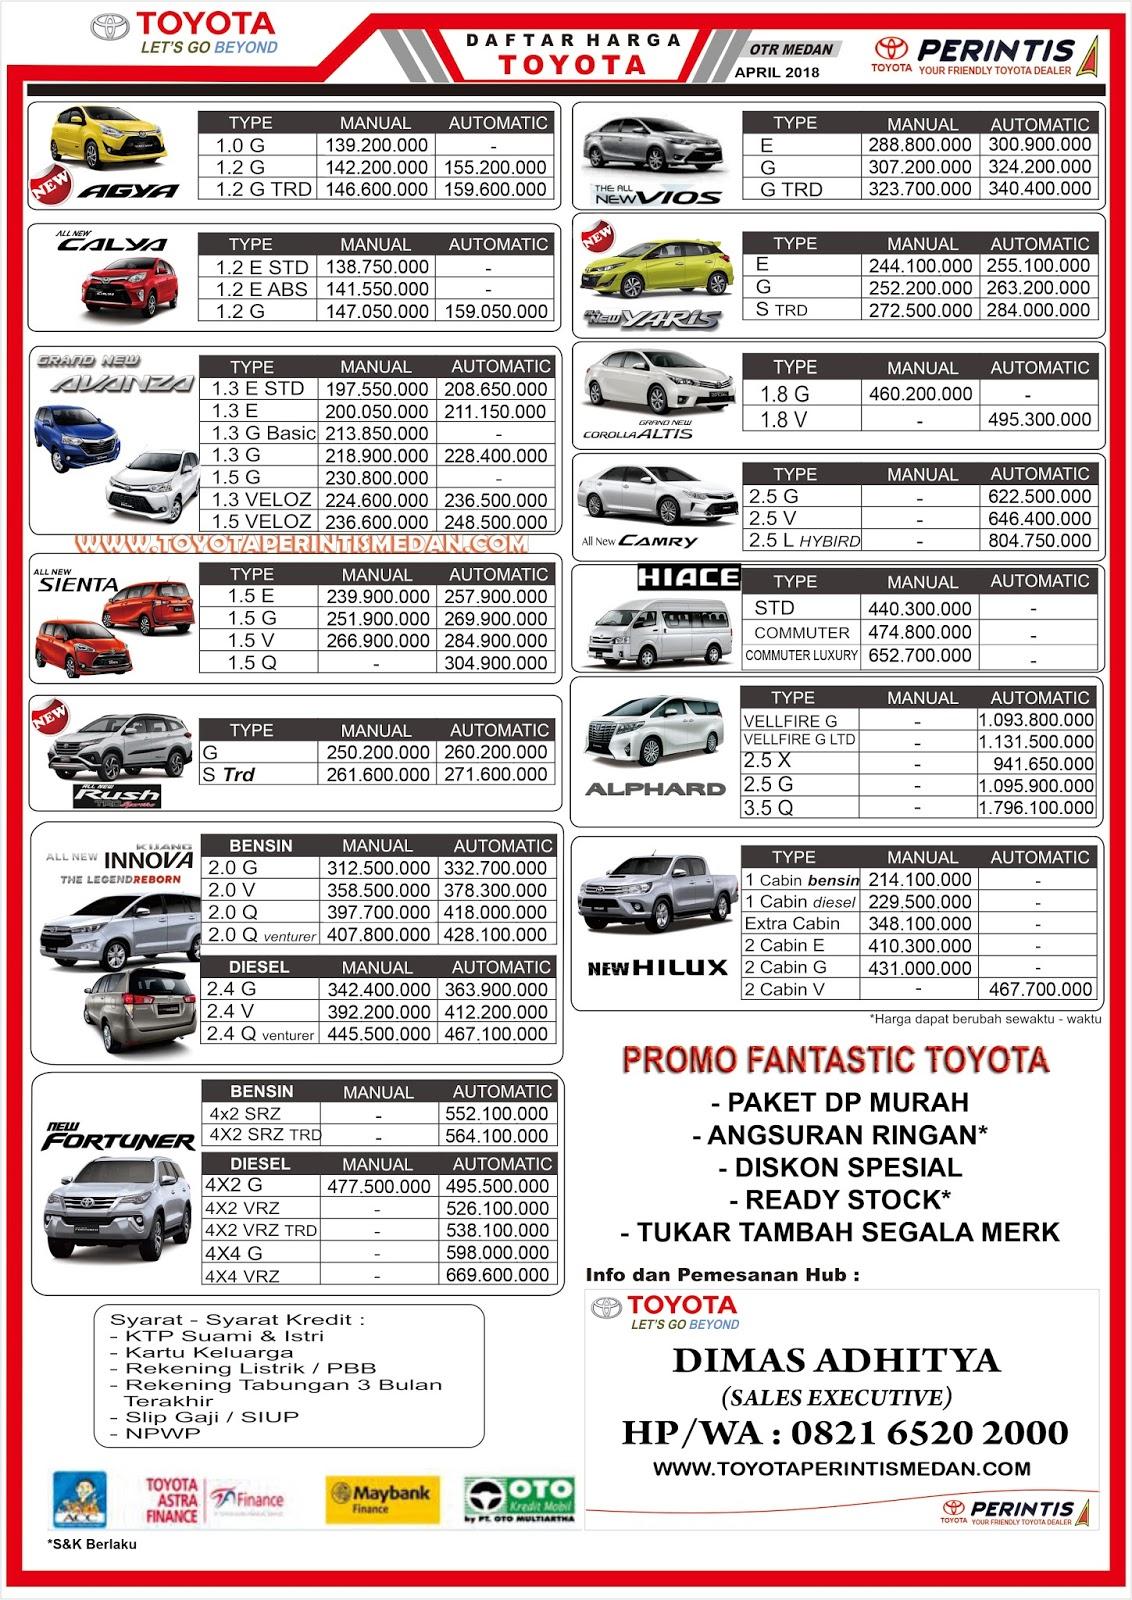 Kelebihan Kekurangan Daftar Harga Mobil Toyota 2018 Review